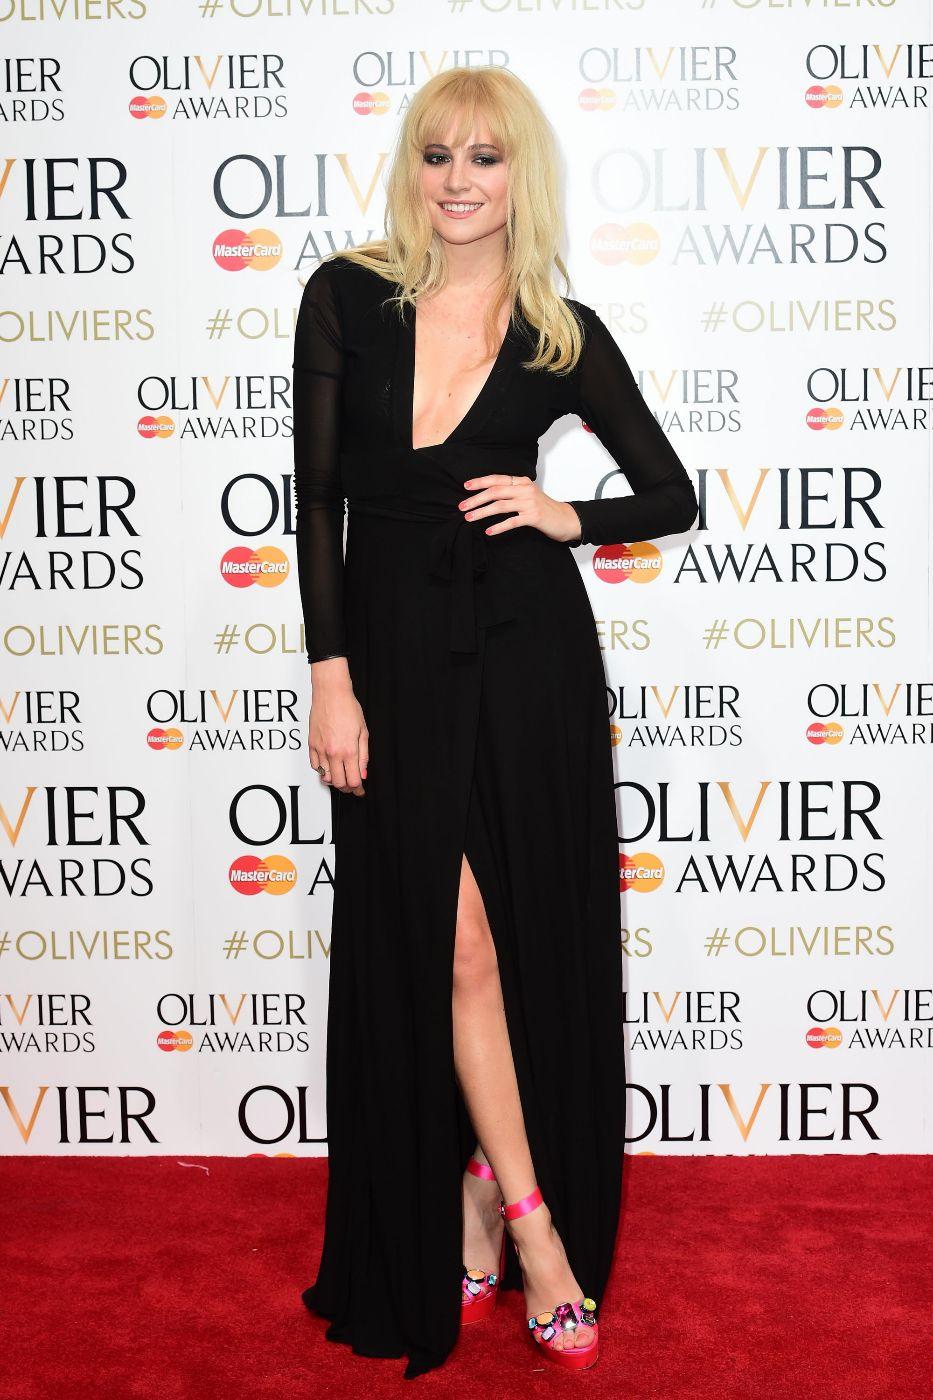 Pixie_Lott_Olivier_Awards2015